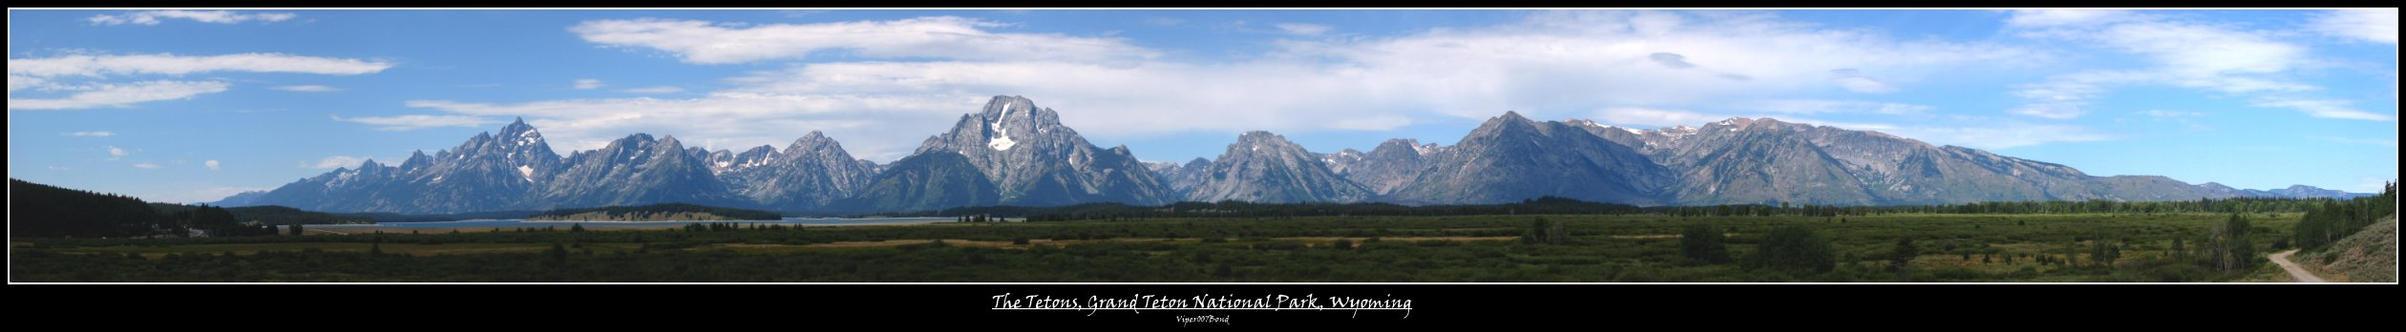 The Tetons by viper007bond